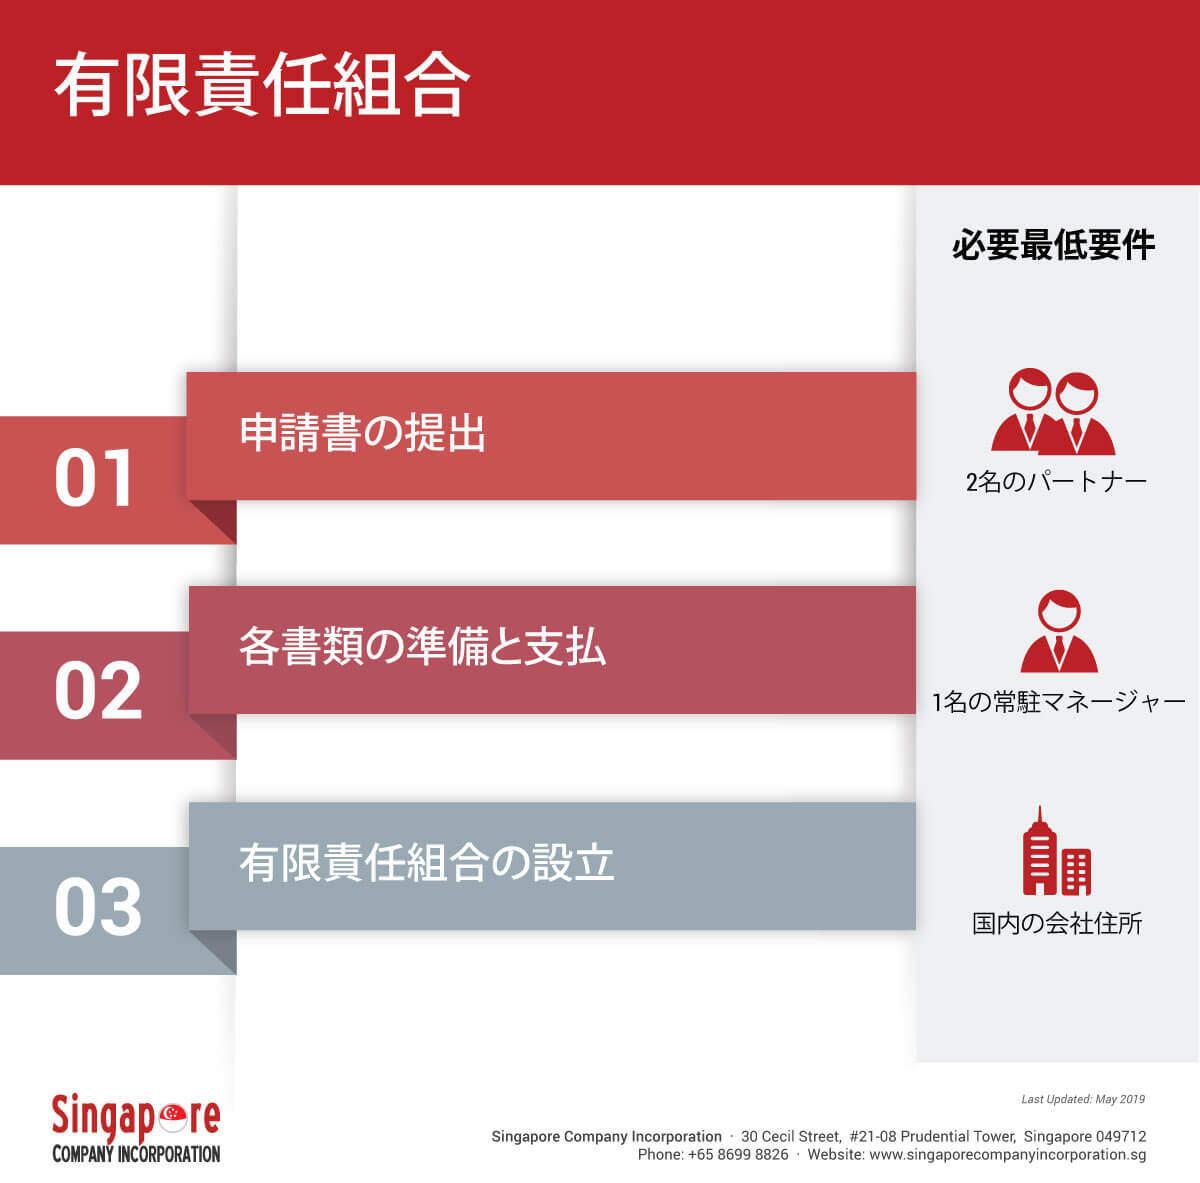 Singapore Limited Liability Partnership